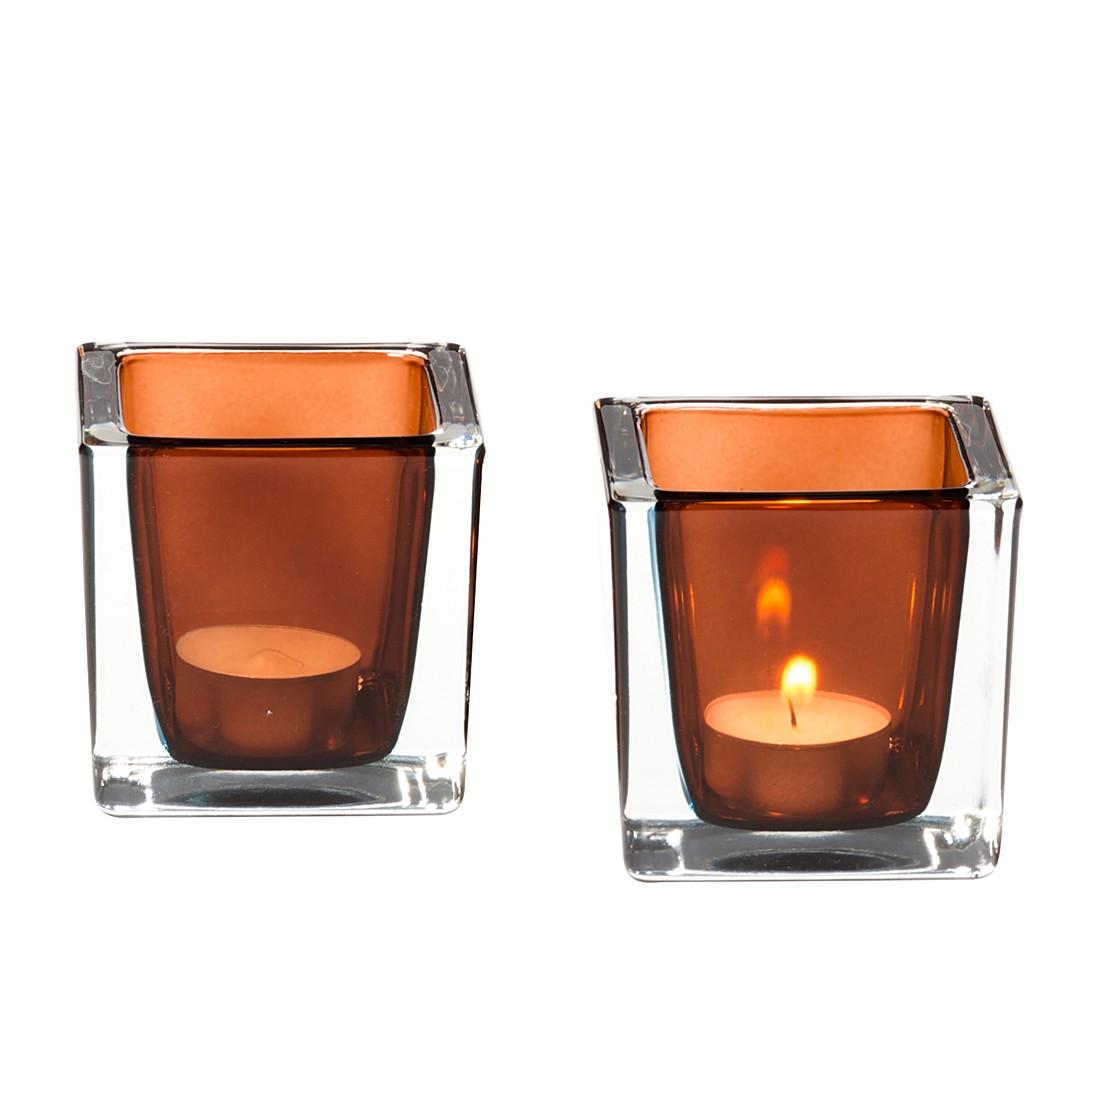 Tischlicht Cube (2er-Set) – Braun, Leonardo günstig kaufen